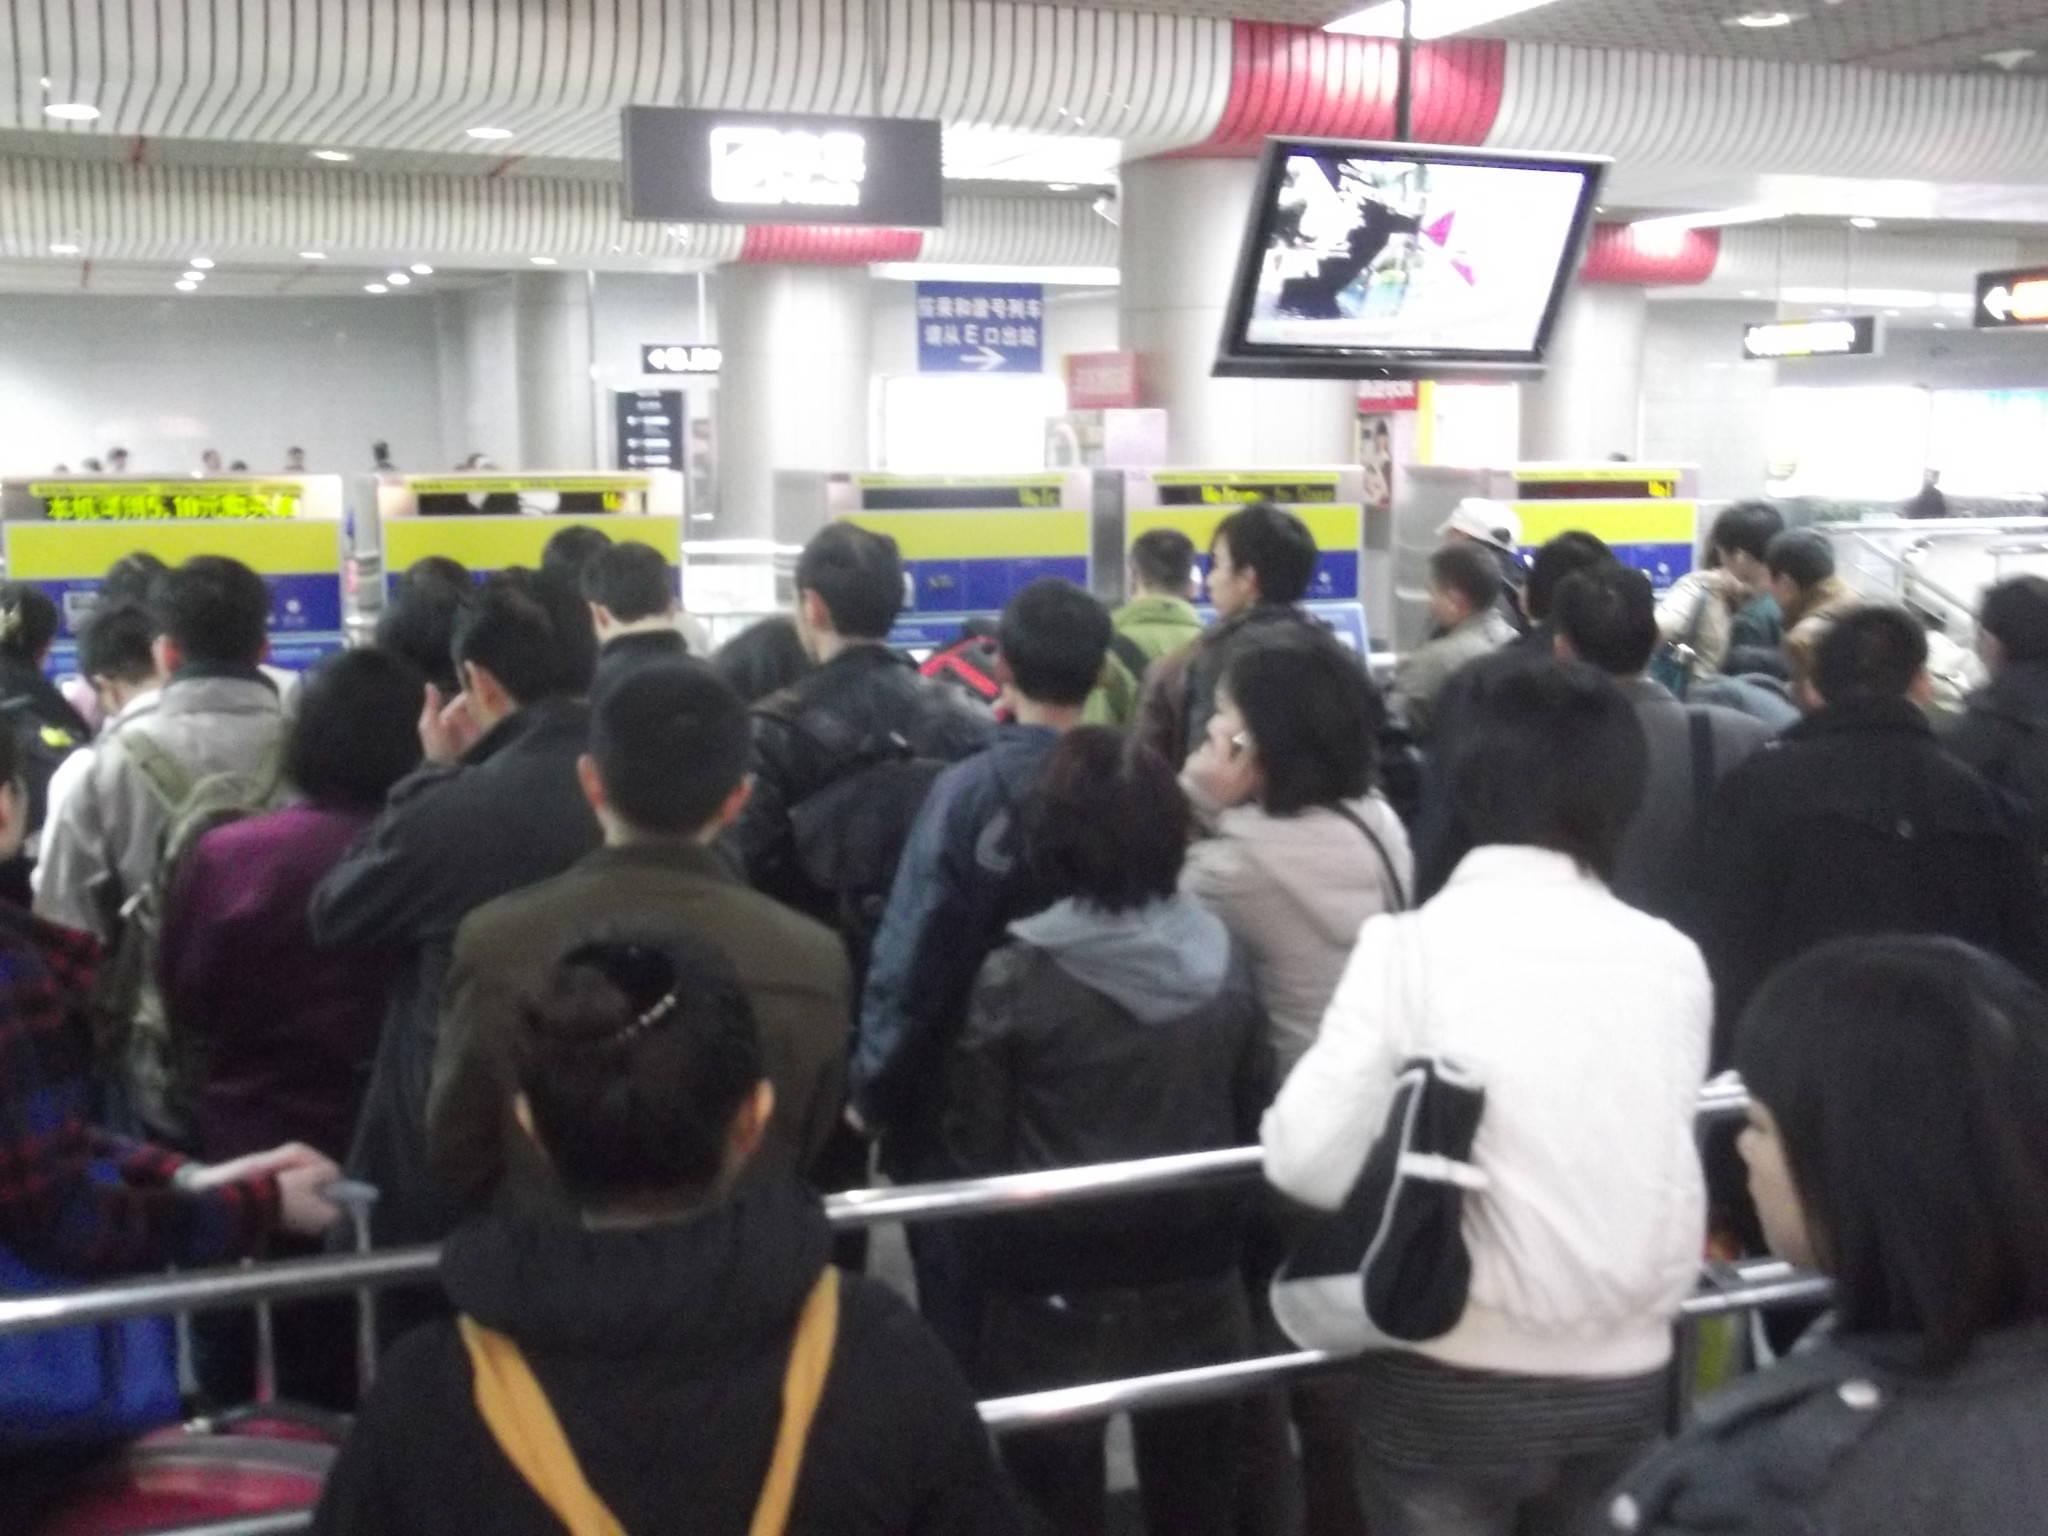 Hong Kong to China Hung Hom Guangzhou train